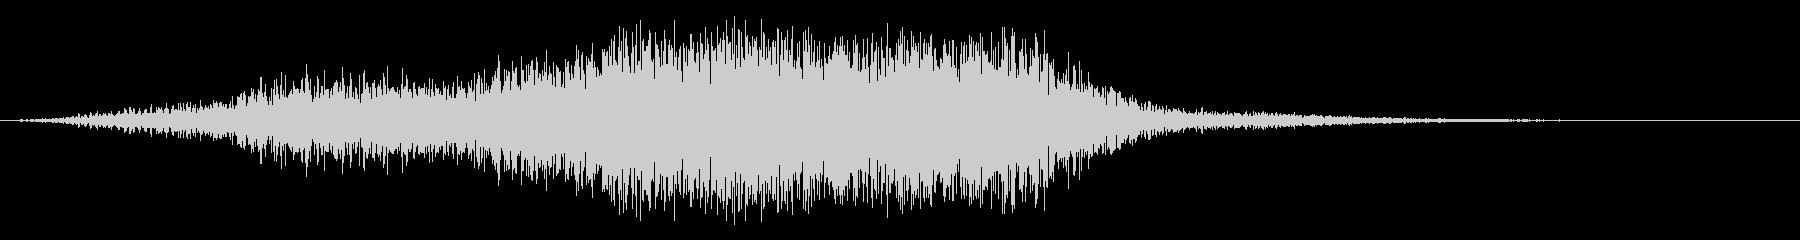 スイープ8によるアプリケーションパスの未再生の波形